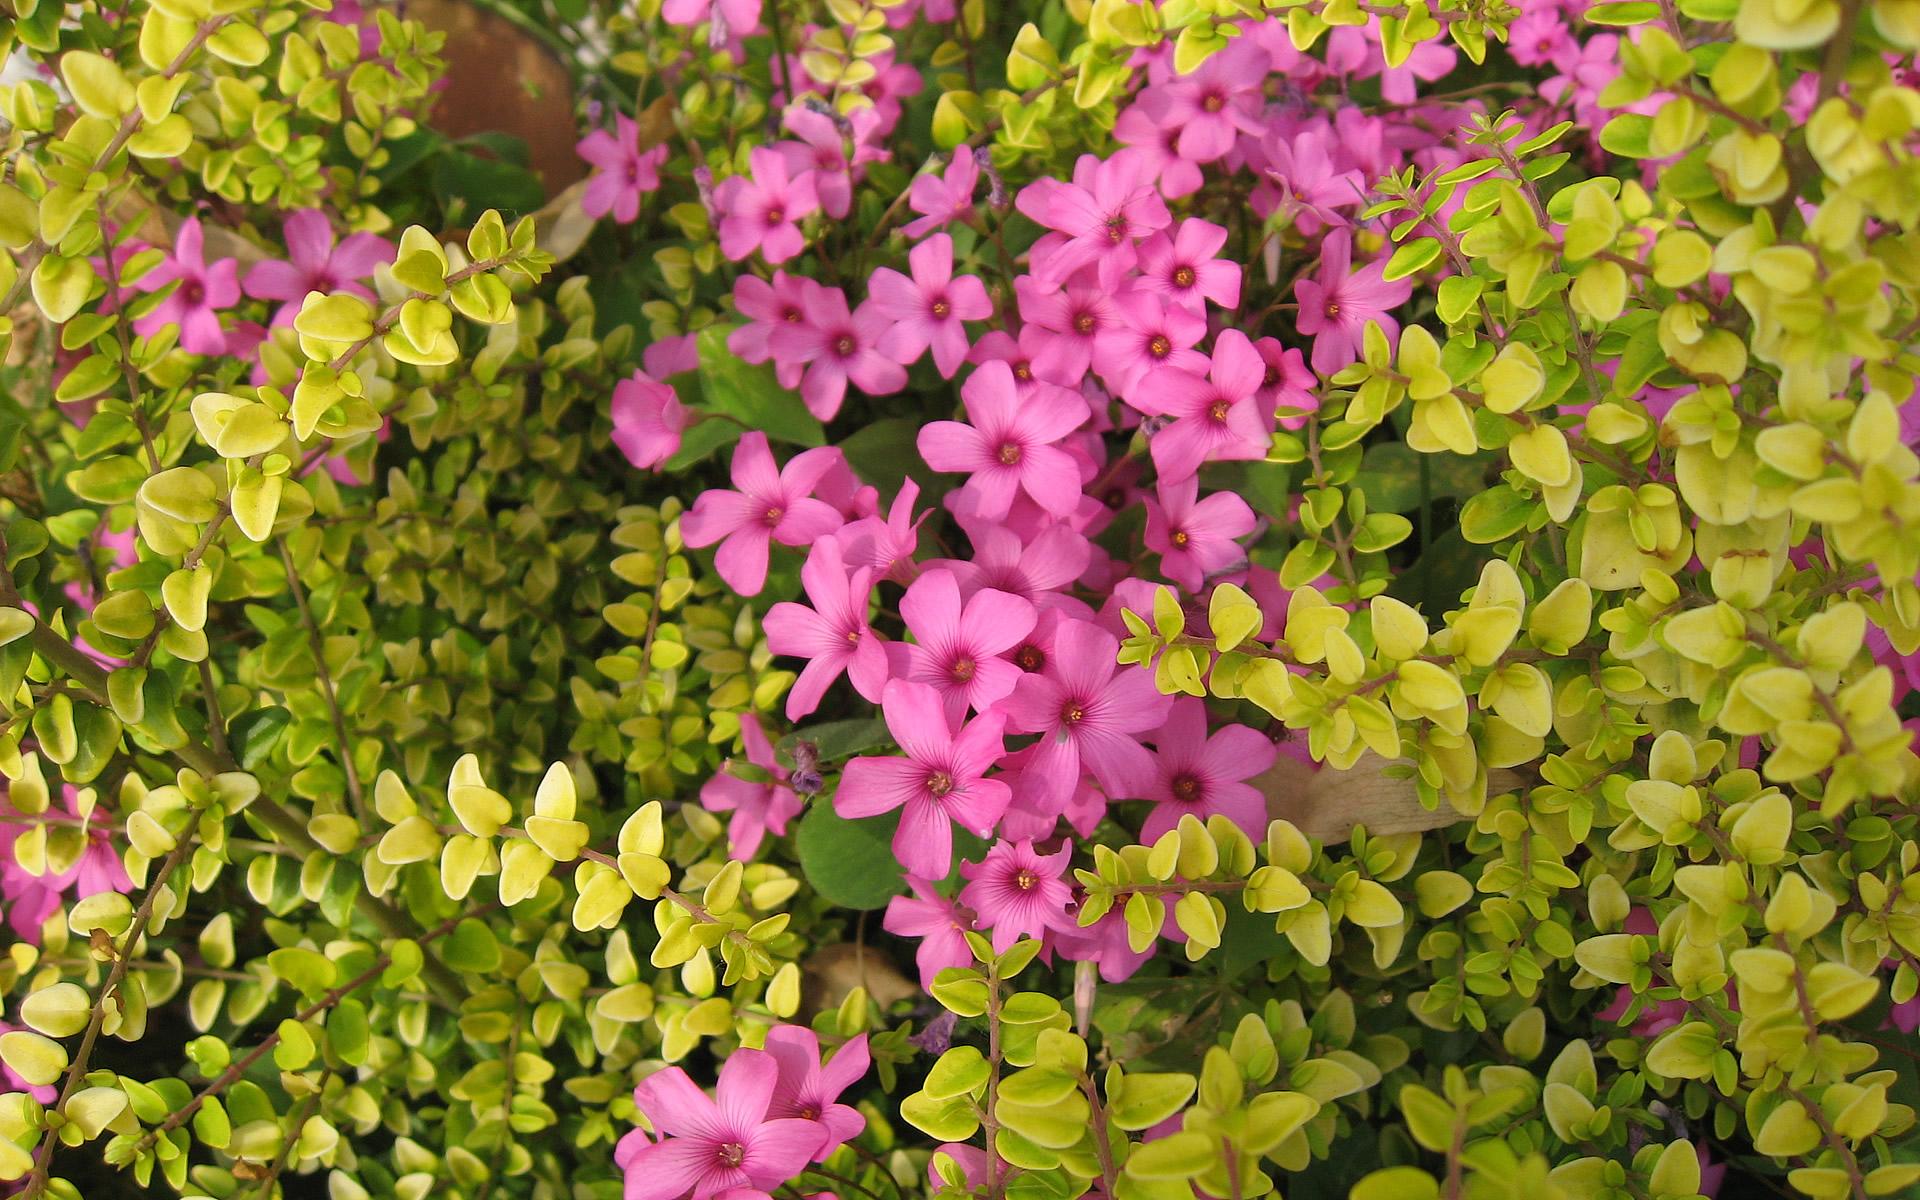 Flower Hd Wallpapers Widescreen wallpaper   40105 1920x1200